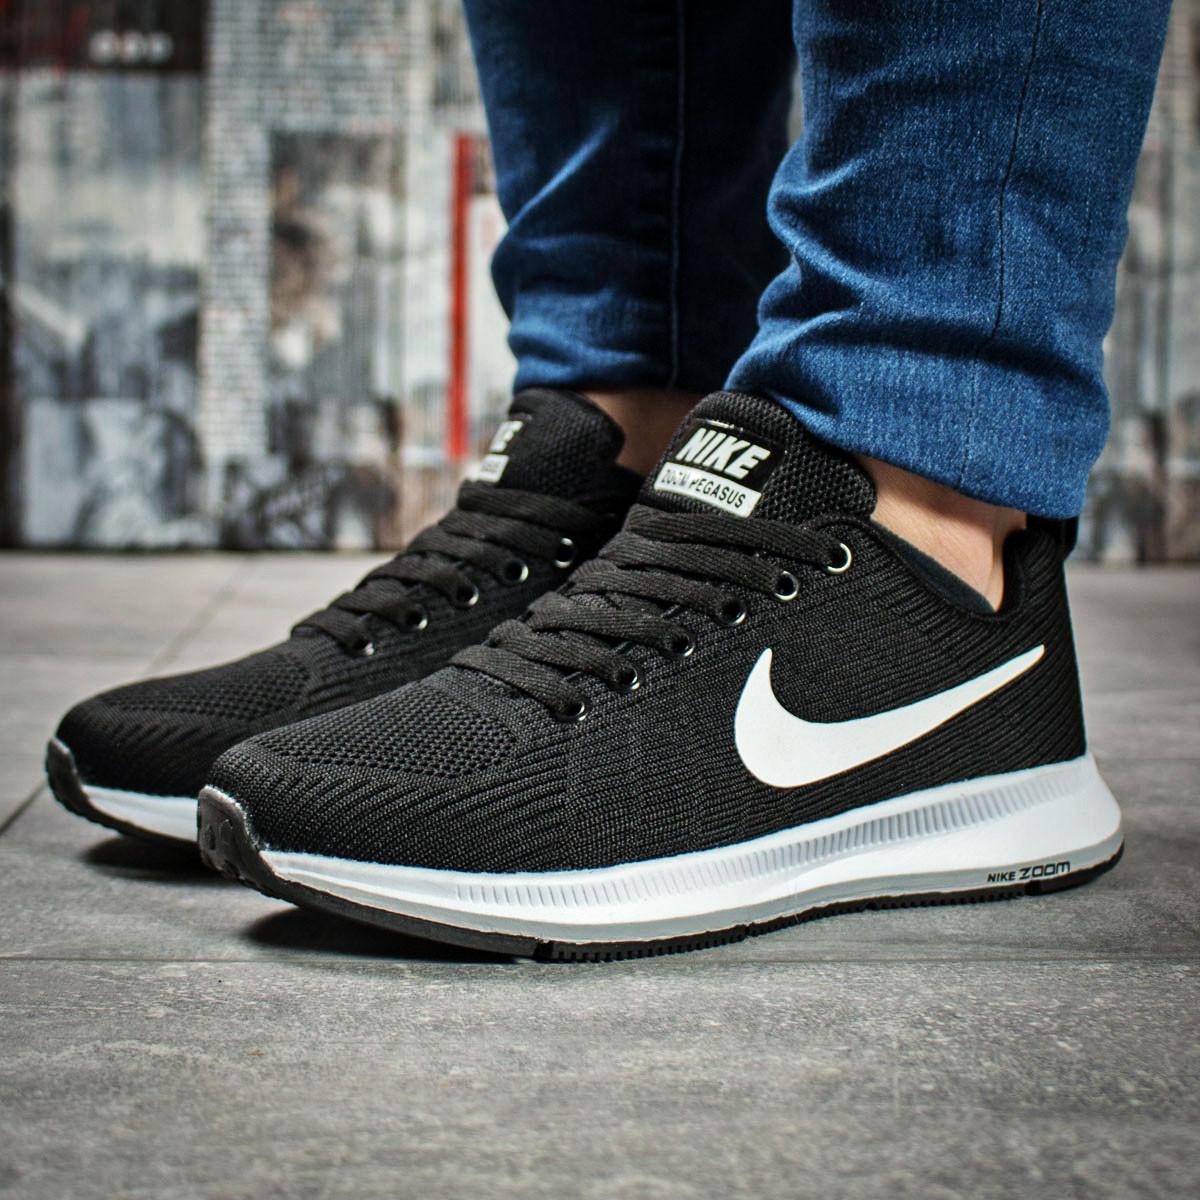 hot sale online 5be86 440ad Женские кроссовки в стиле Nike Zoom Pegasus, текстиль, пена, черные 37  (23,5 см)